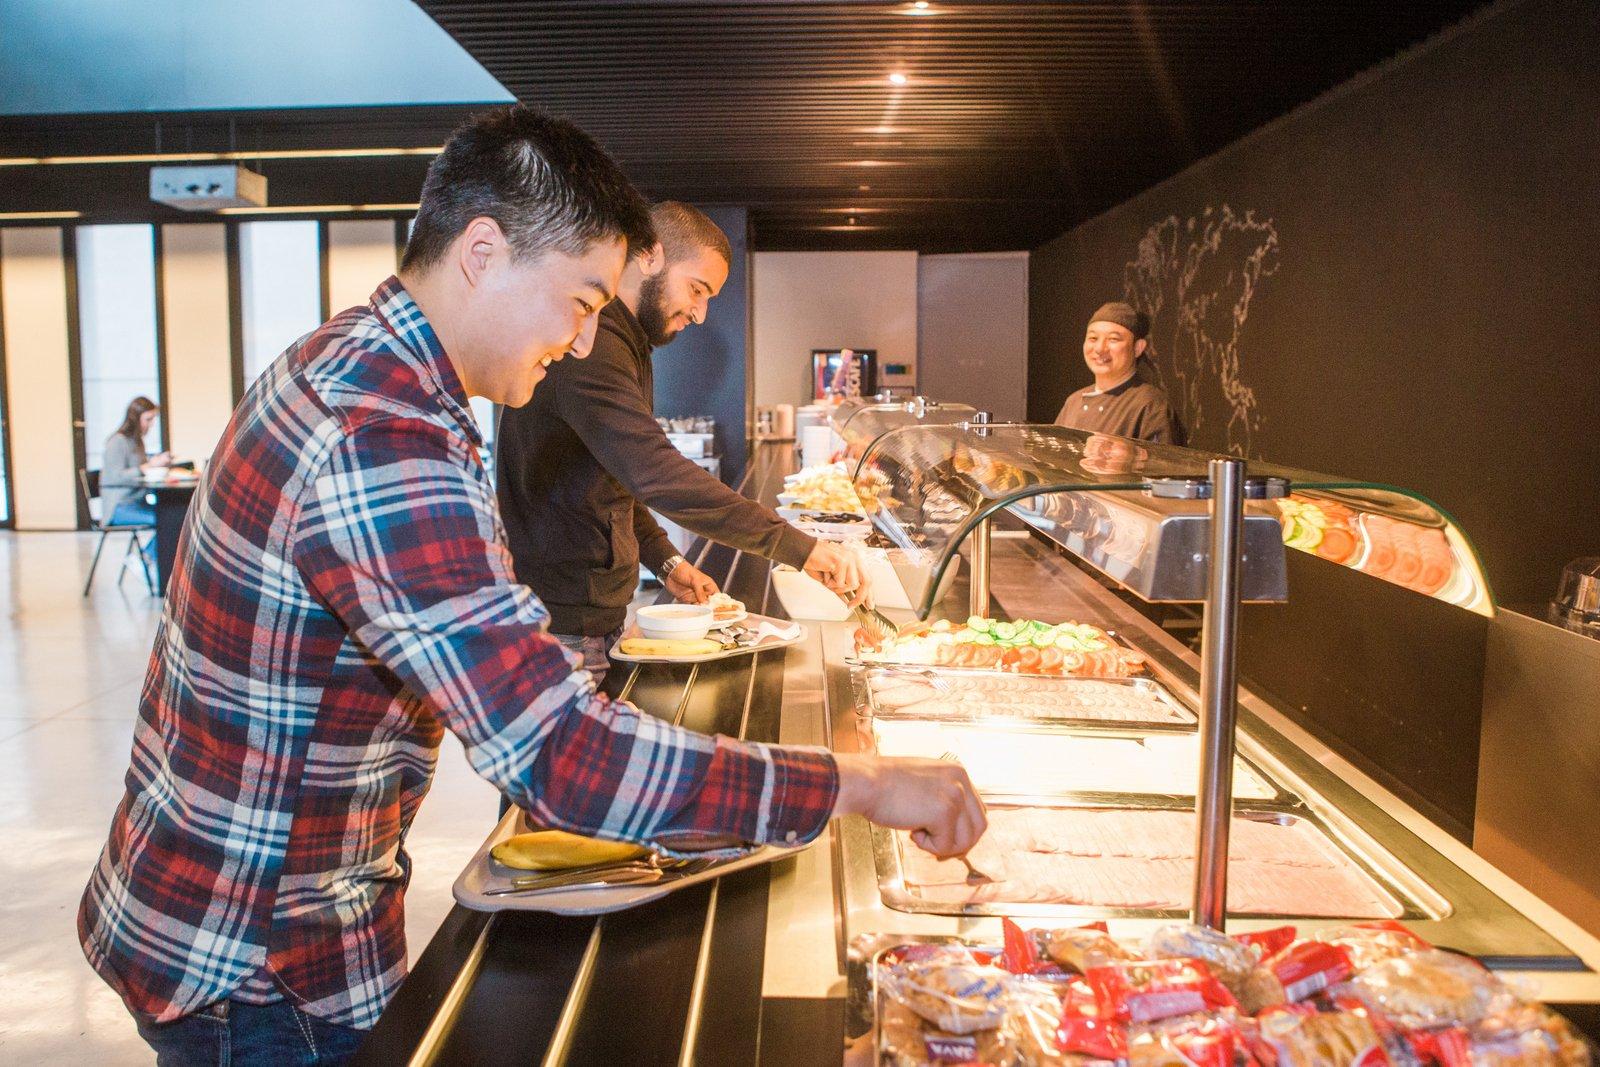 gasten schuiven aan bij het buffet in de eetzaal